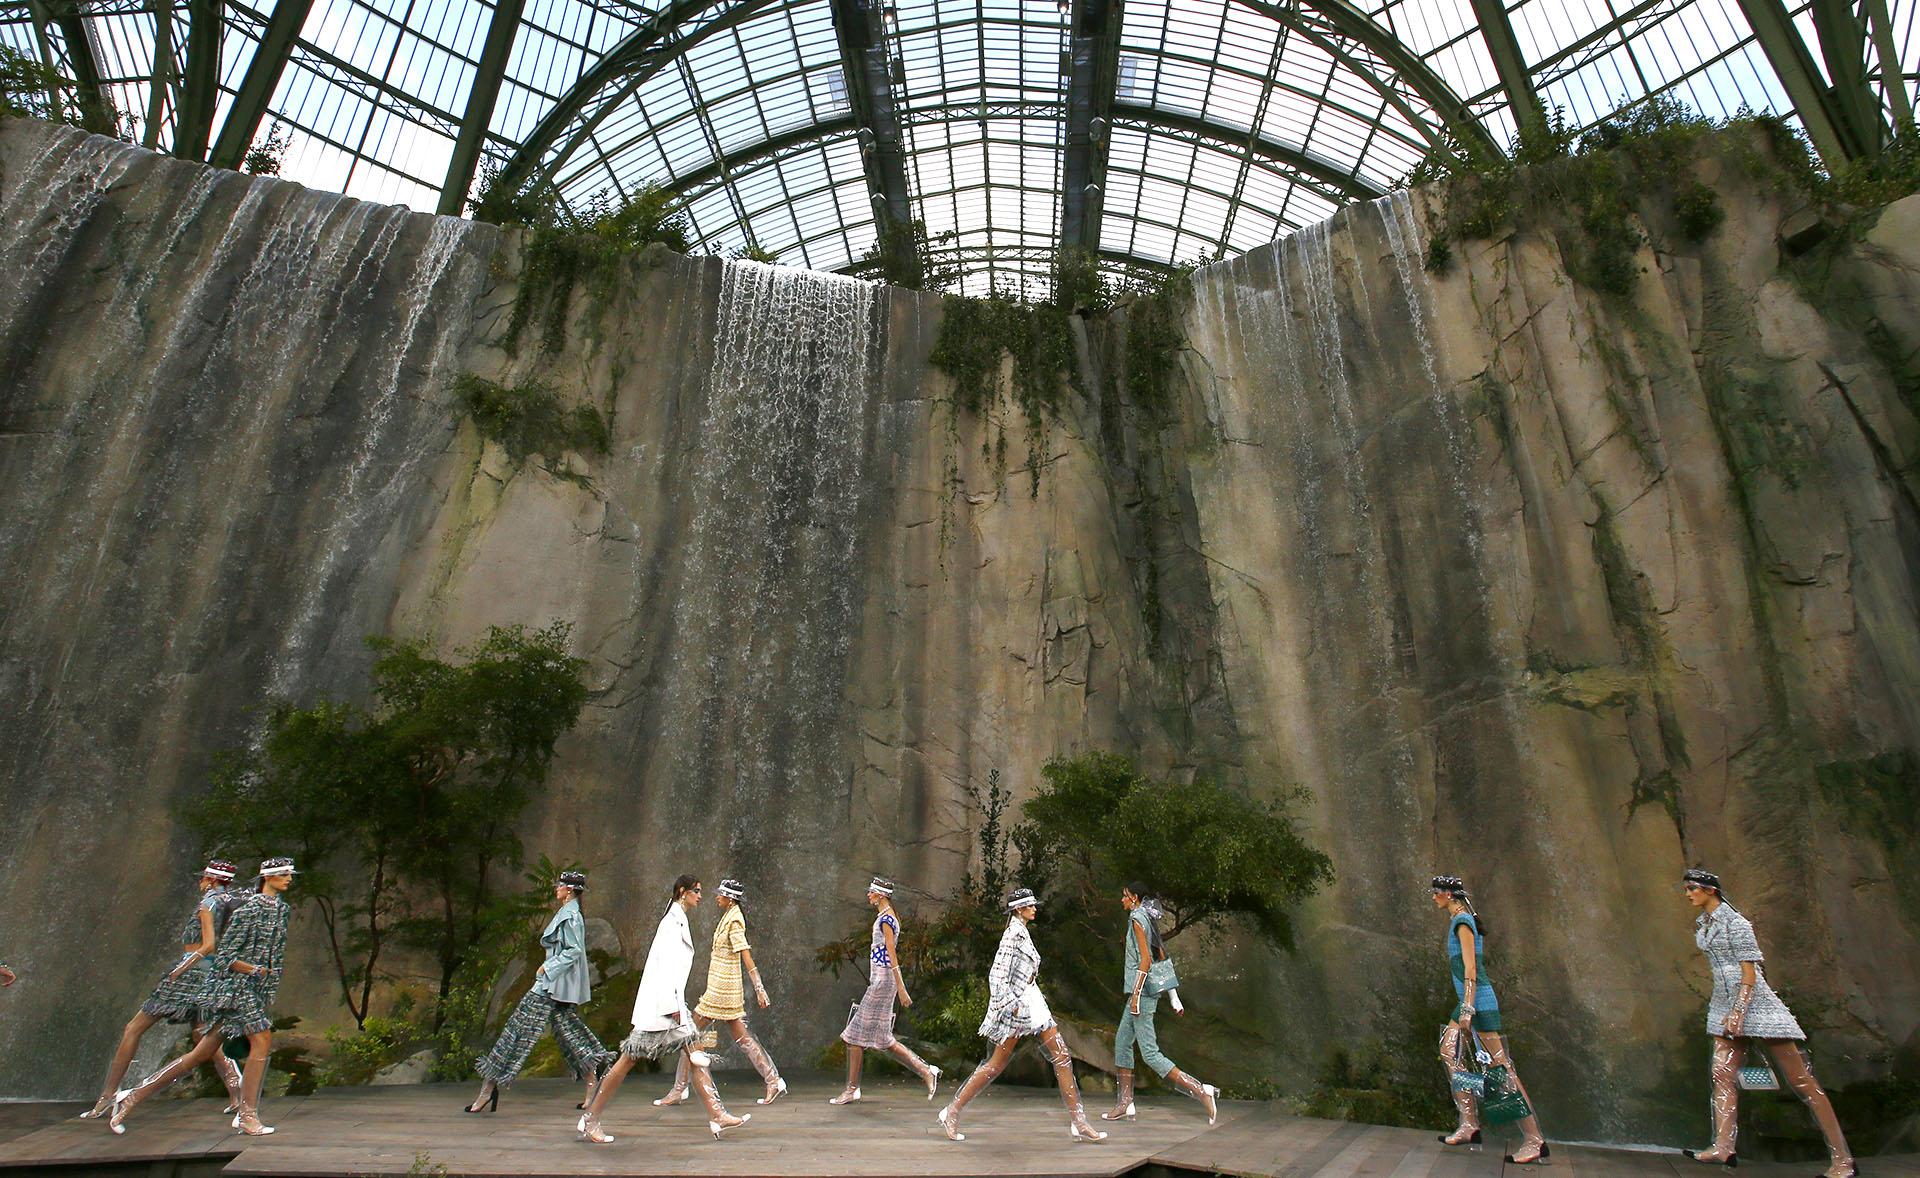 En un espectacular escenario que recreaba las gargantas del Verdon, situadas en el sureste de Francia, con una pared de roca con agua y plantas que emulaban un catarata